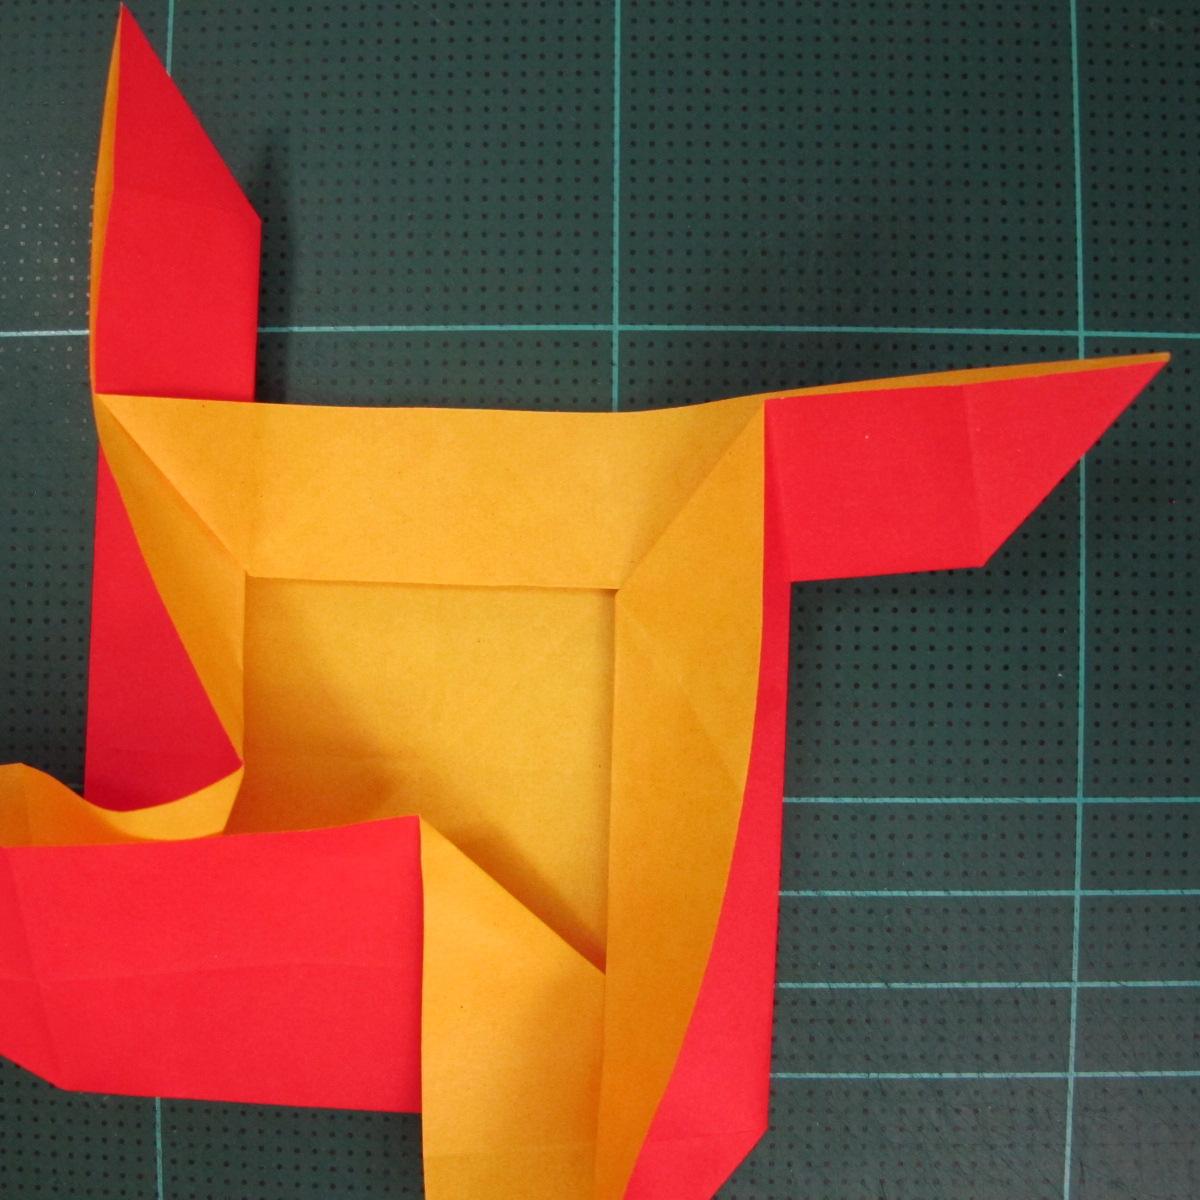 สอนวิธีพับกระดาษเป็นดอกกุหลาบ (แบบฐานกังหัน) (Origami Rose - Evi Binzinger) 010